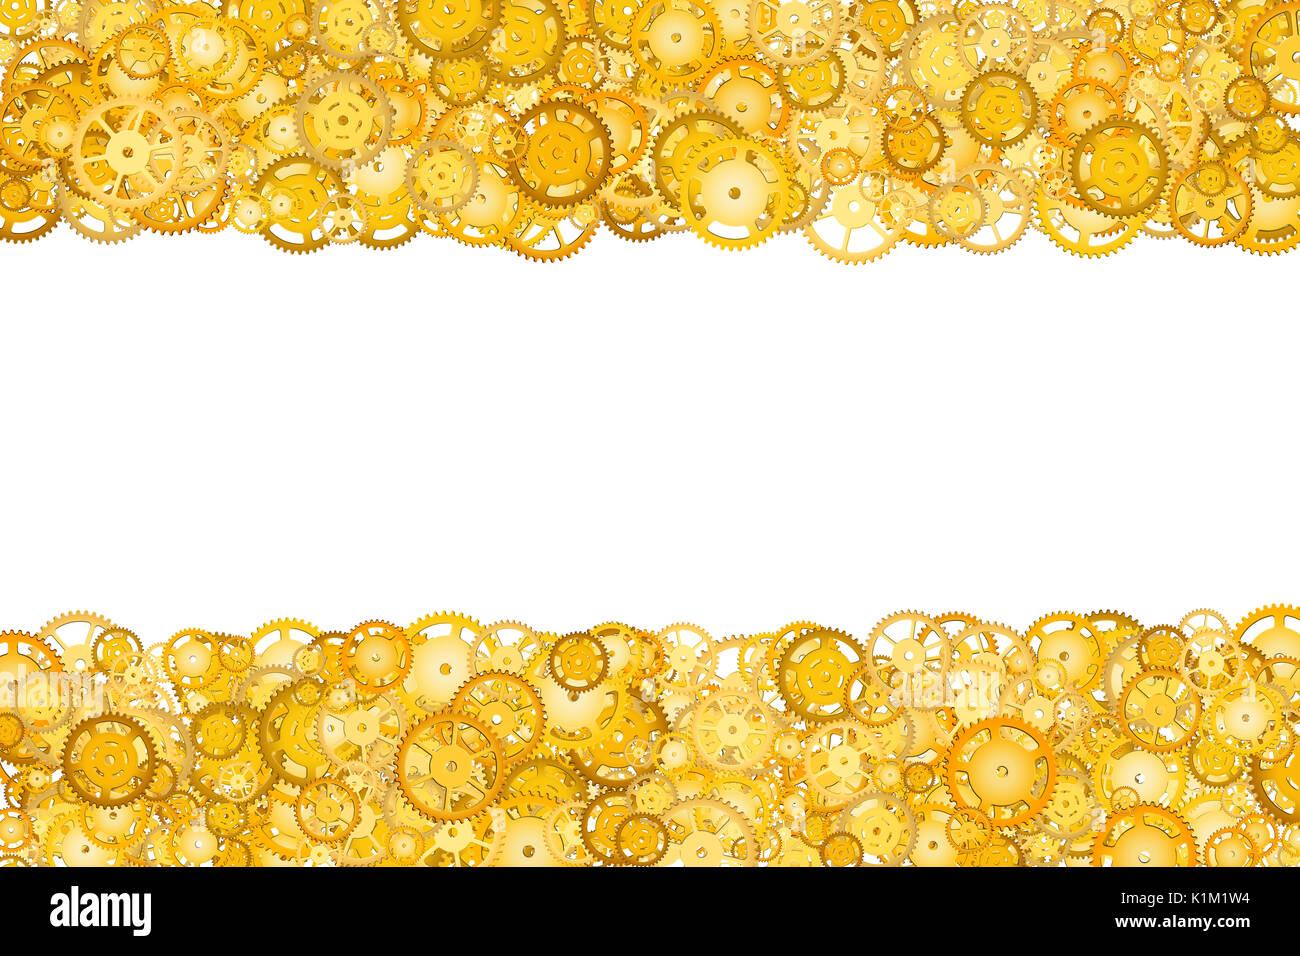 Grenze mit vielen Gängen. Goldene Rahmen der Zahnräder ...